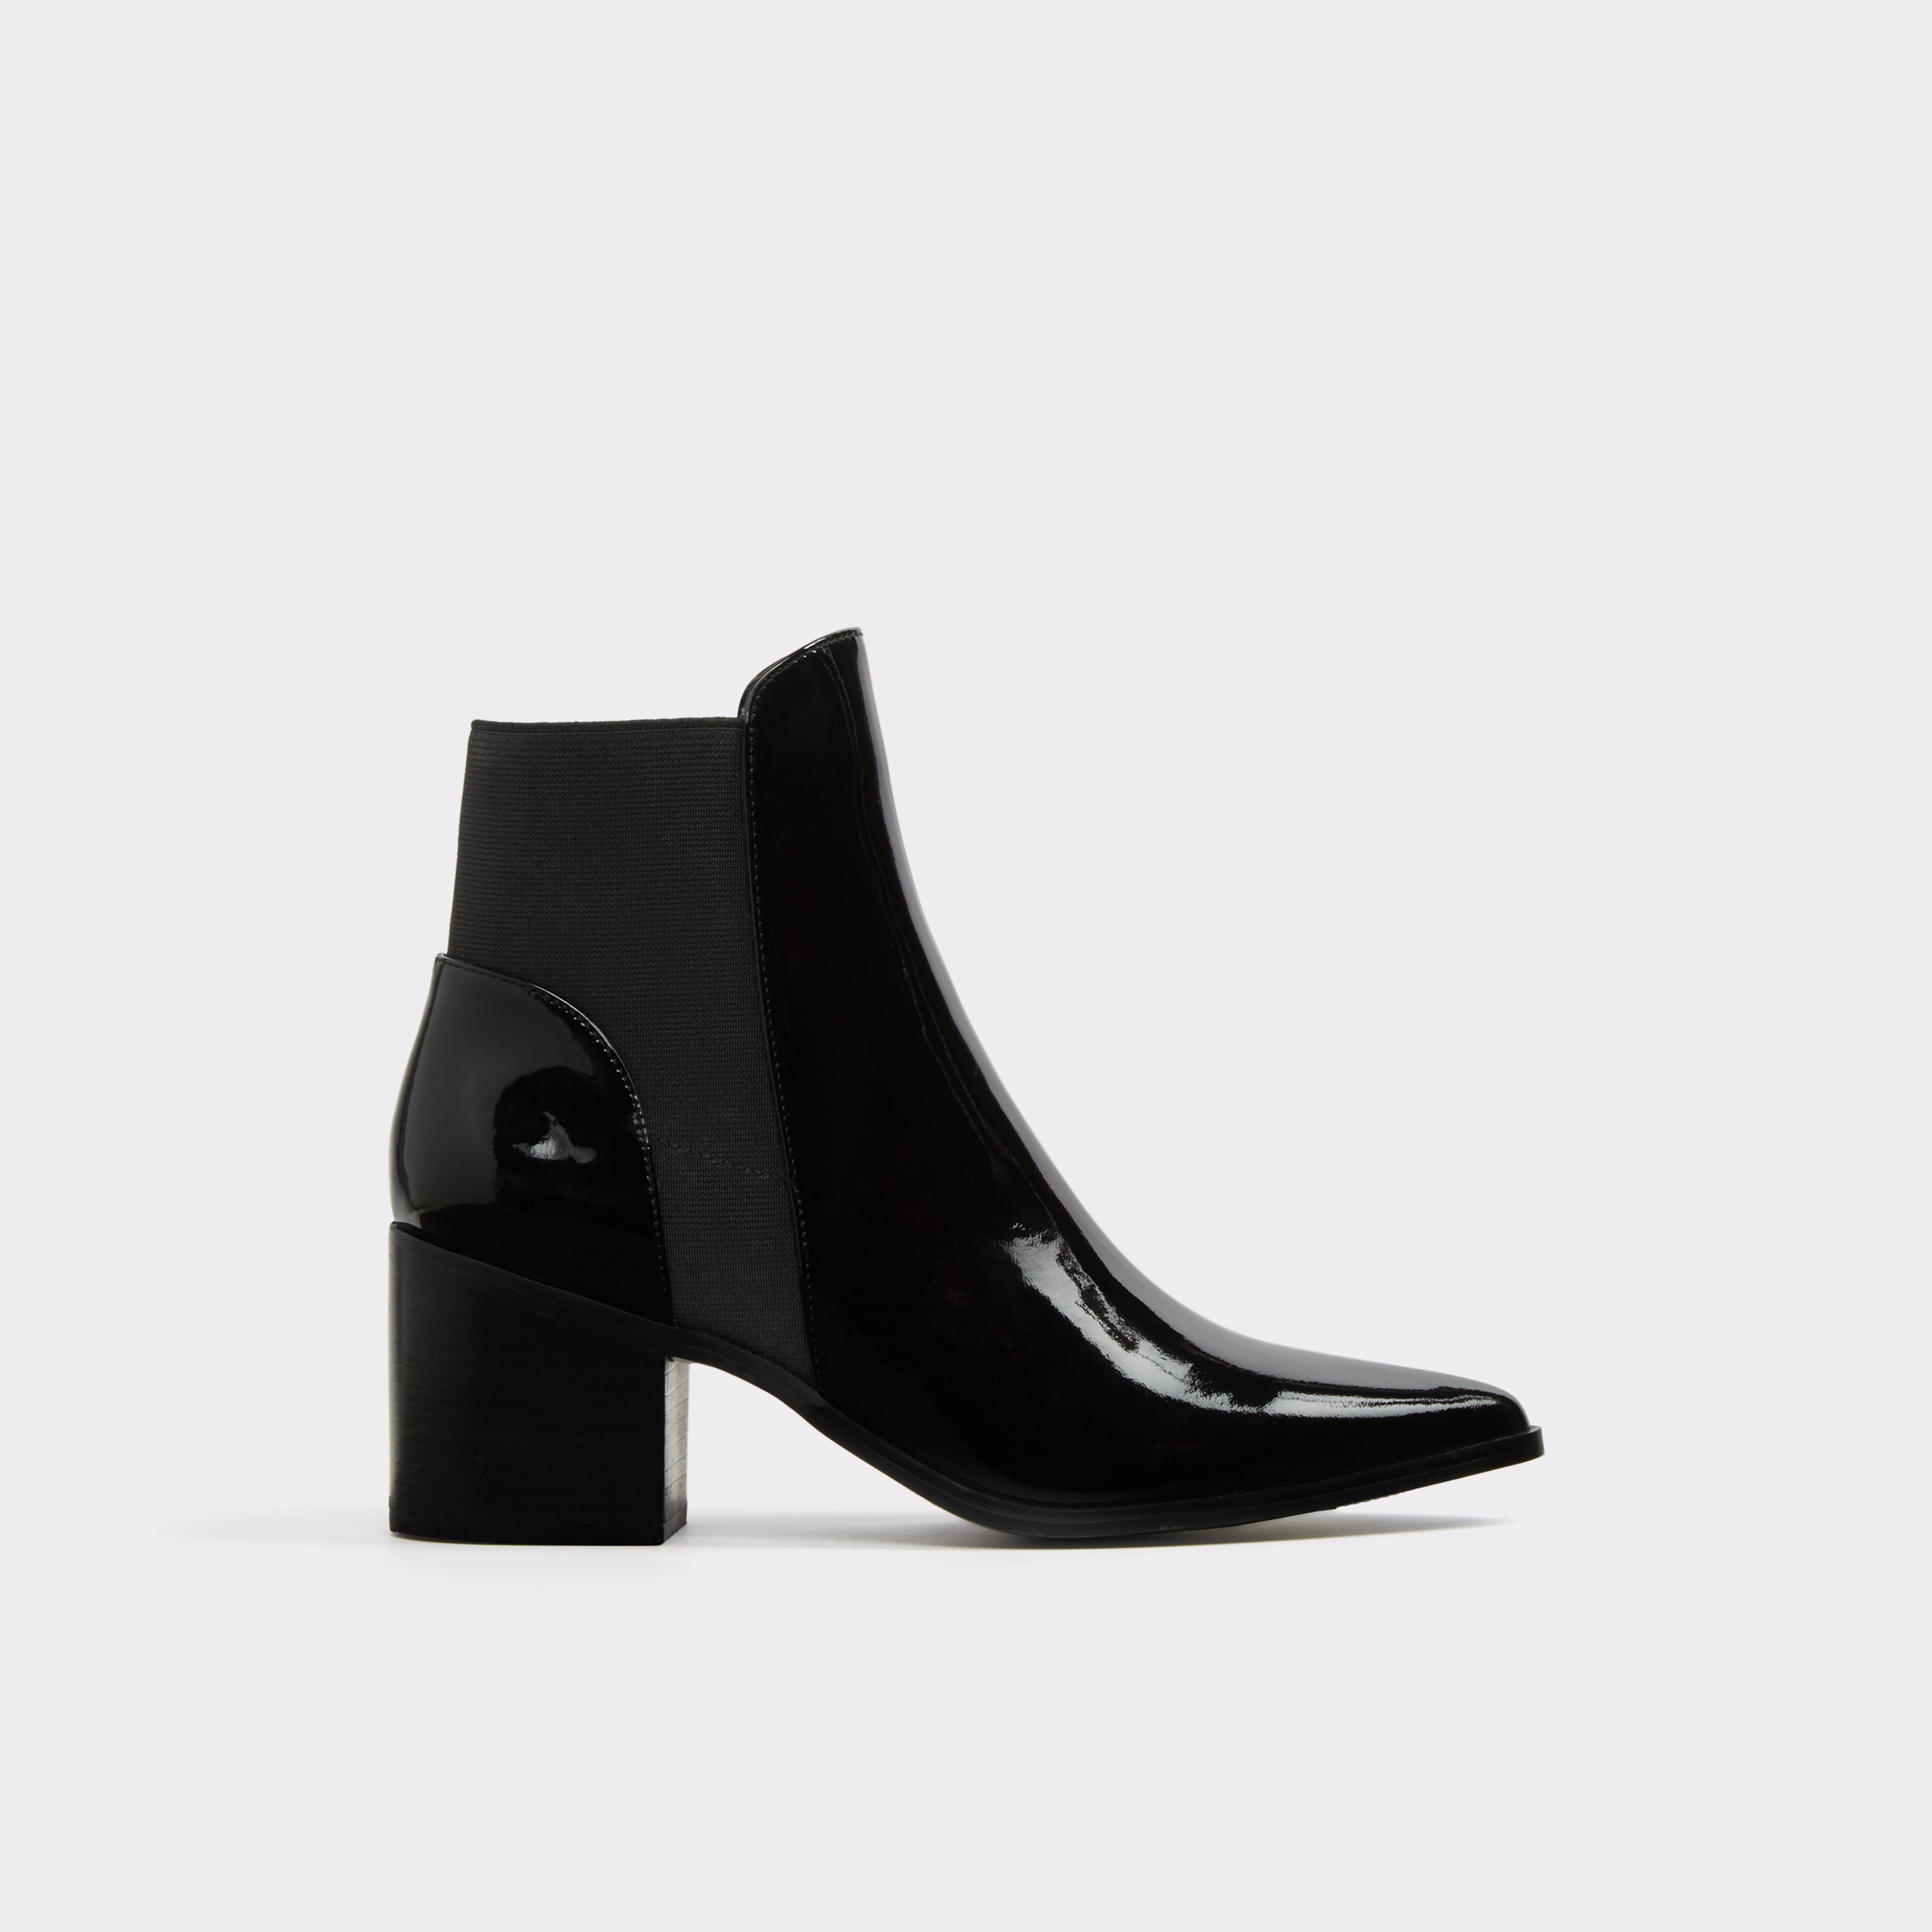 aldo shoes collection 2017 vetement femme enceinte